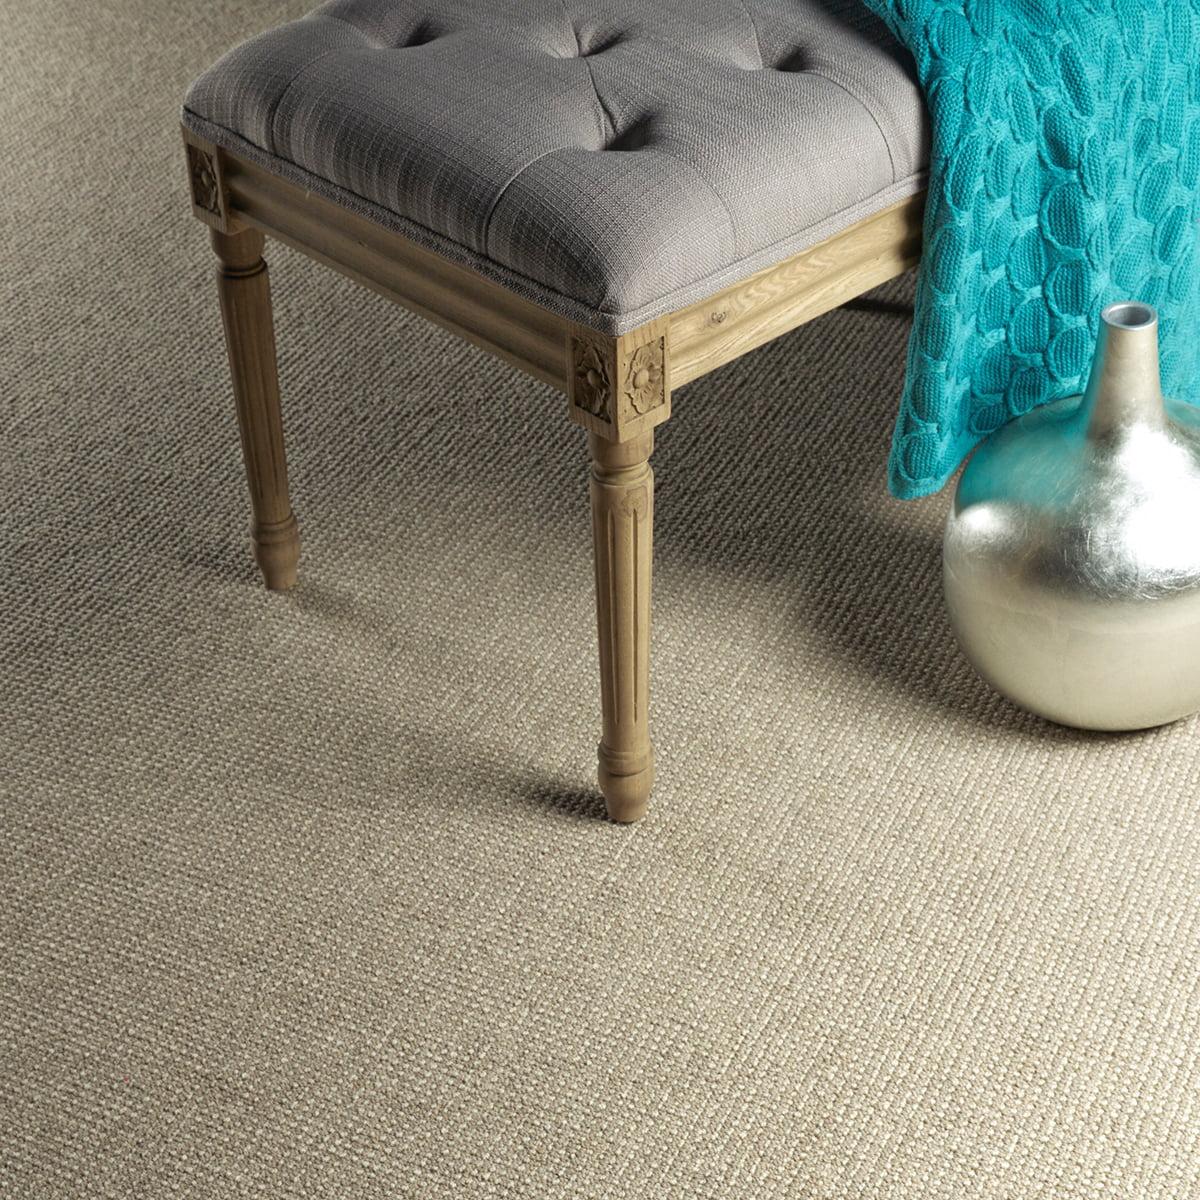 Buy Adderbury By J Mish Loop Texture